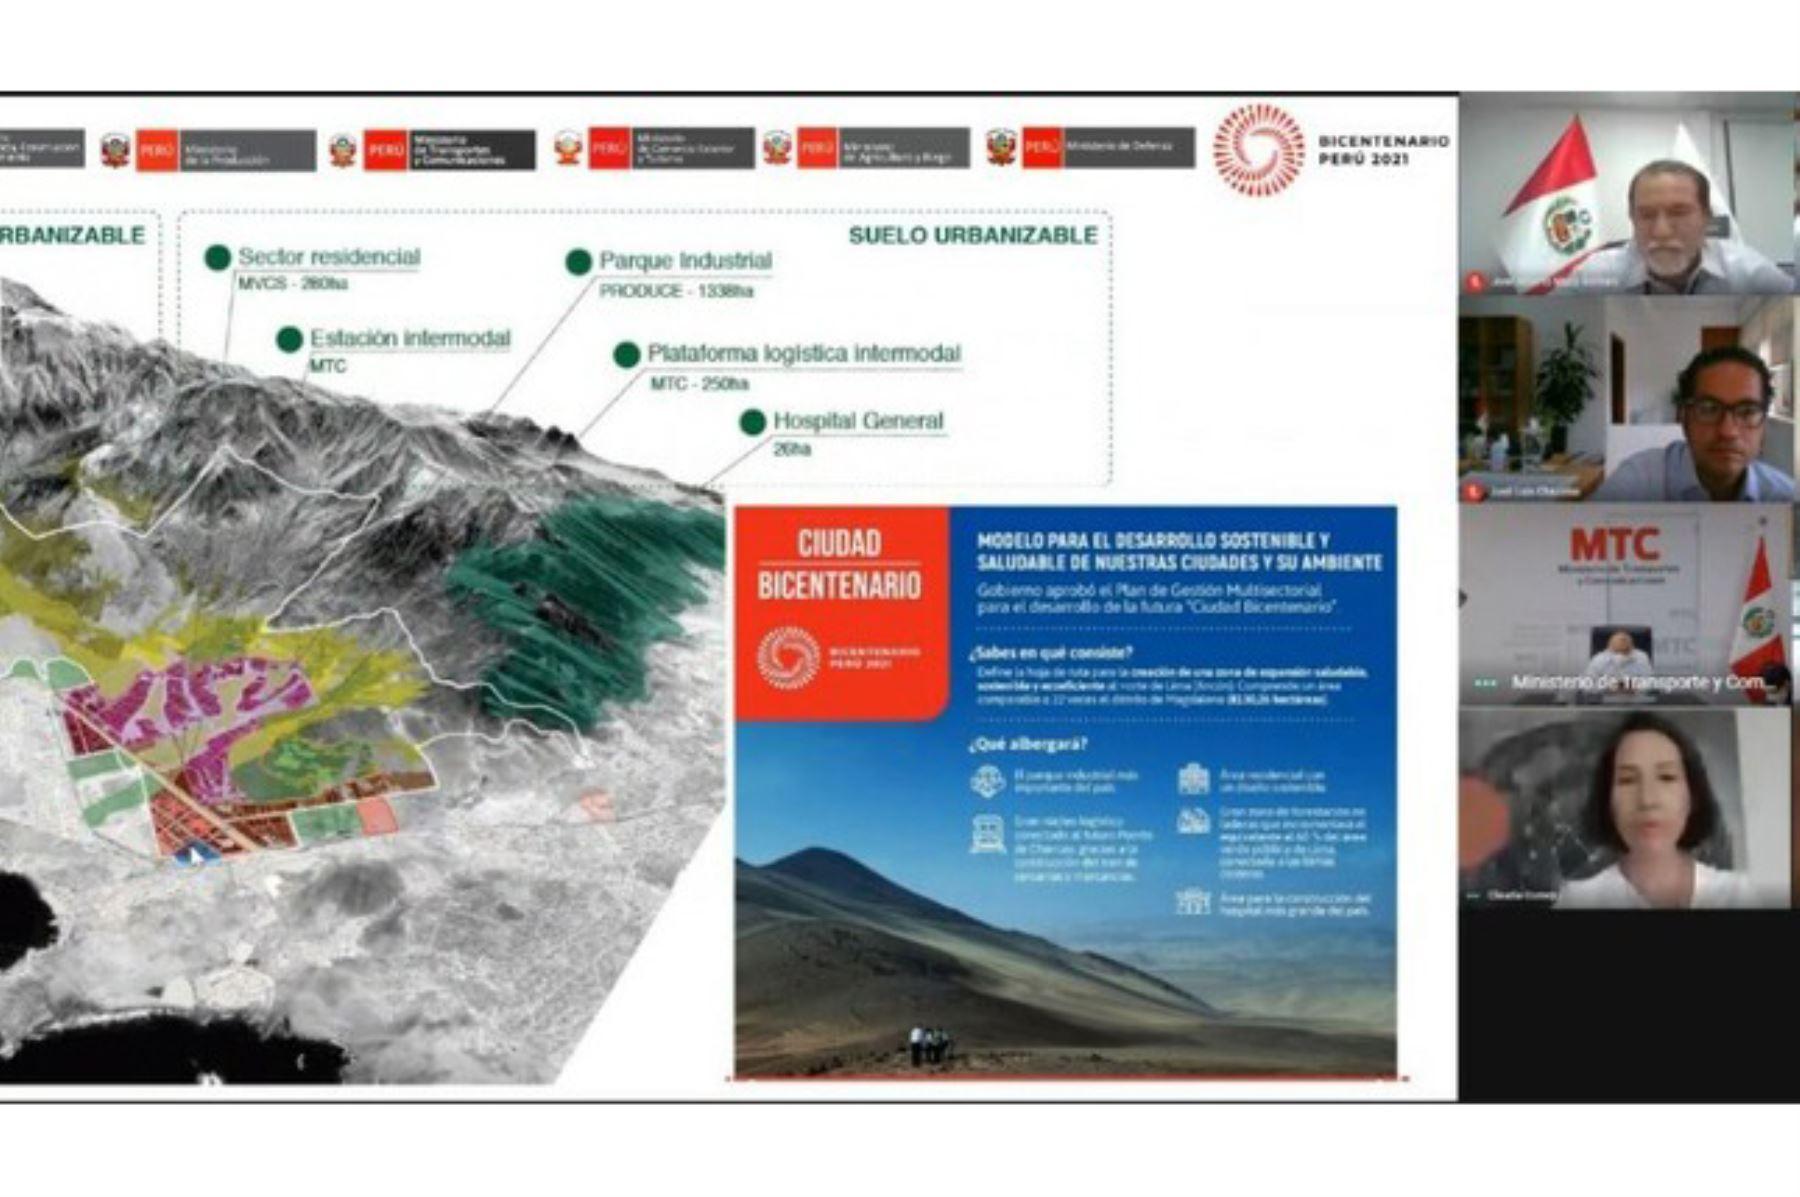 El proyecto multisectorial Ciudad Bicentenario incluirá diversos proyectos estratégicos nacionales. Foto: ANDINA/Difusión